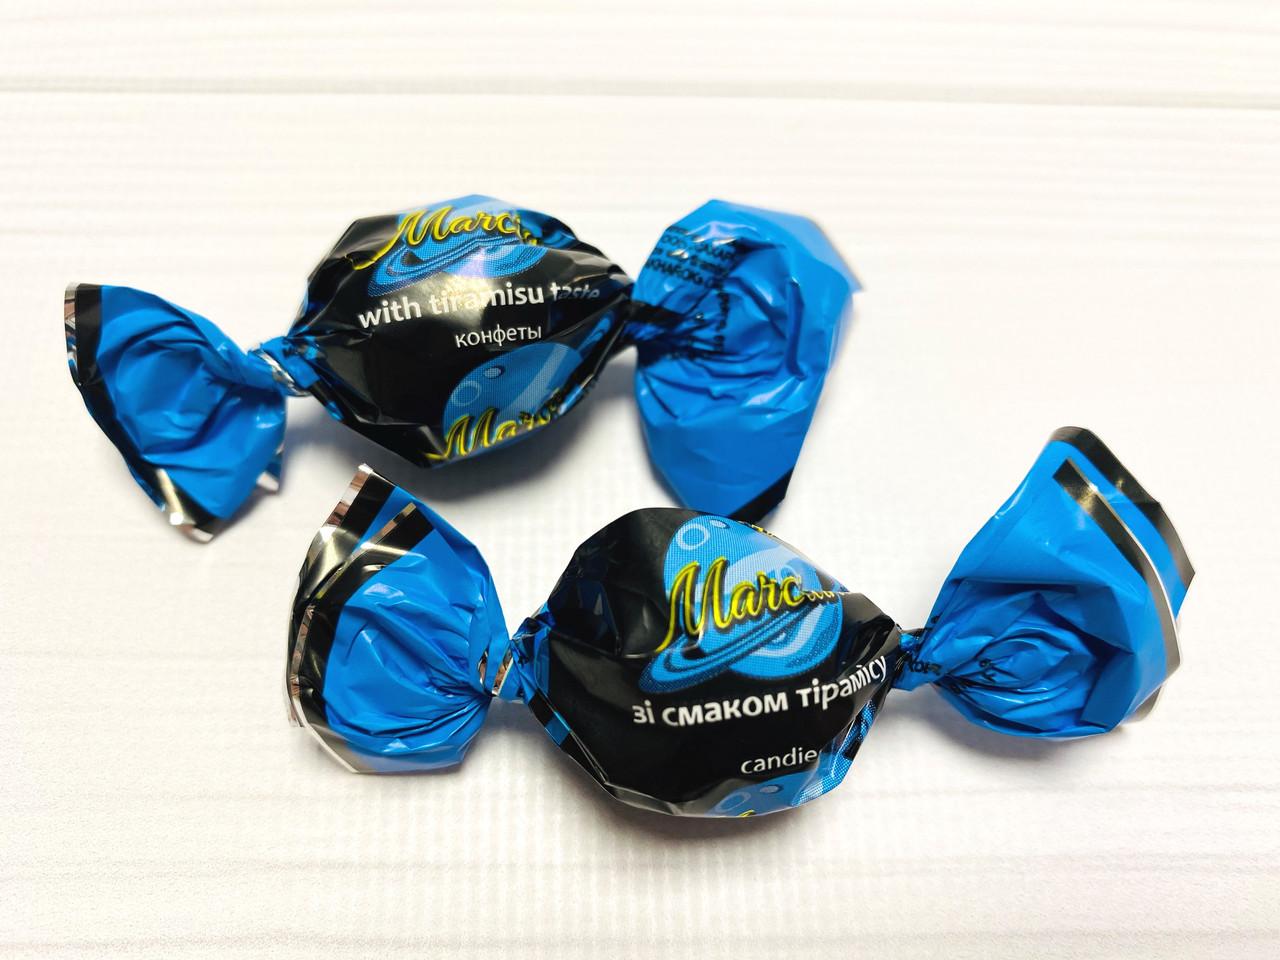 Конфеты Марсиано тирамису 1.5 кг. ТМ Балу